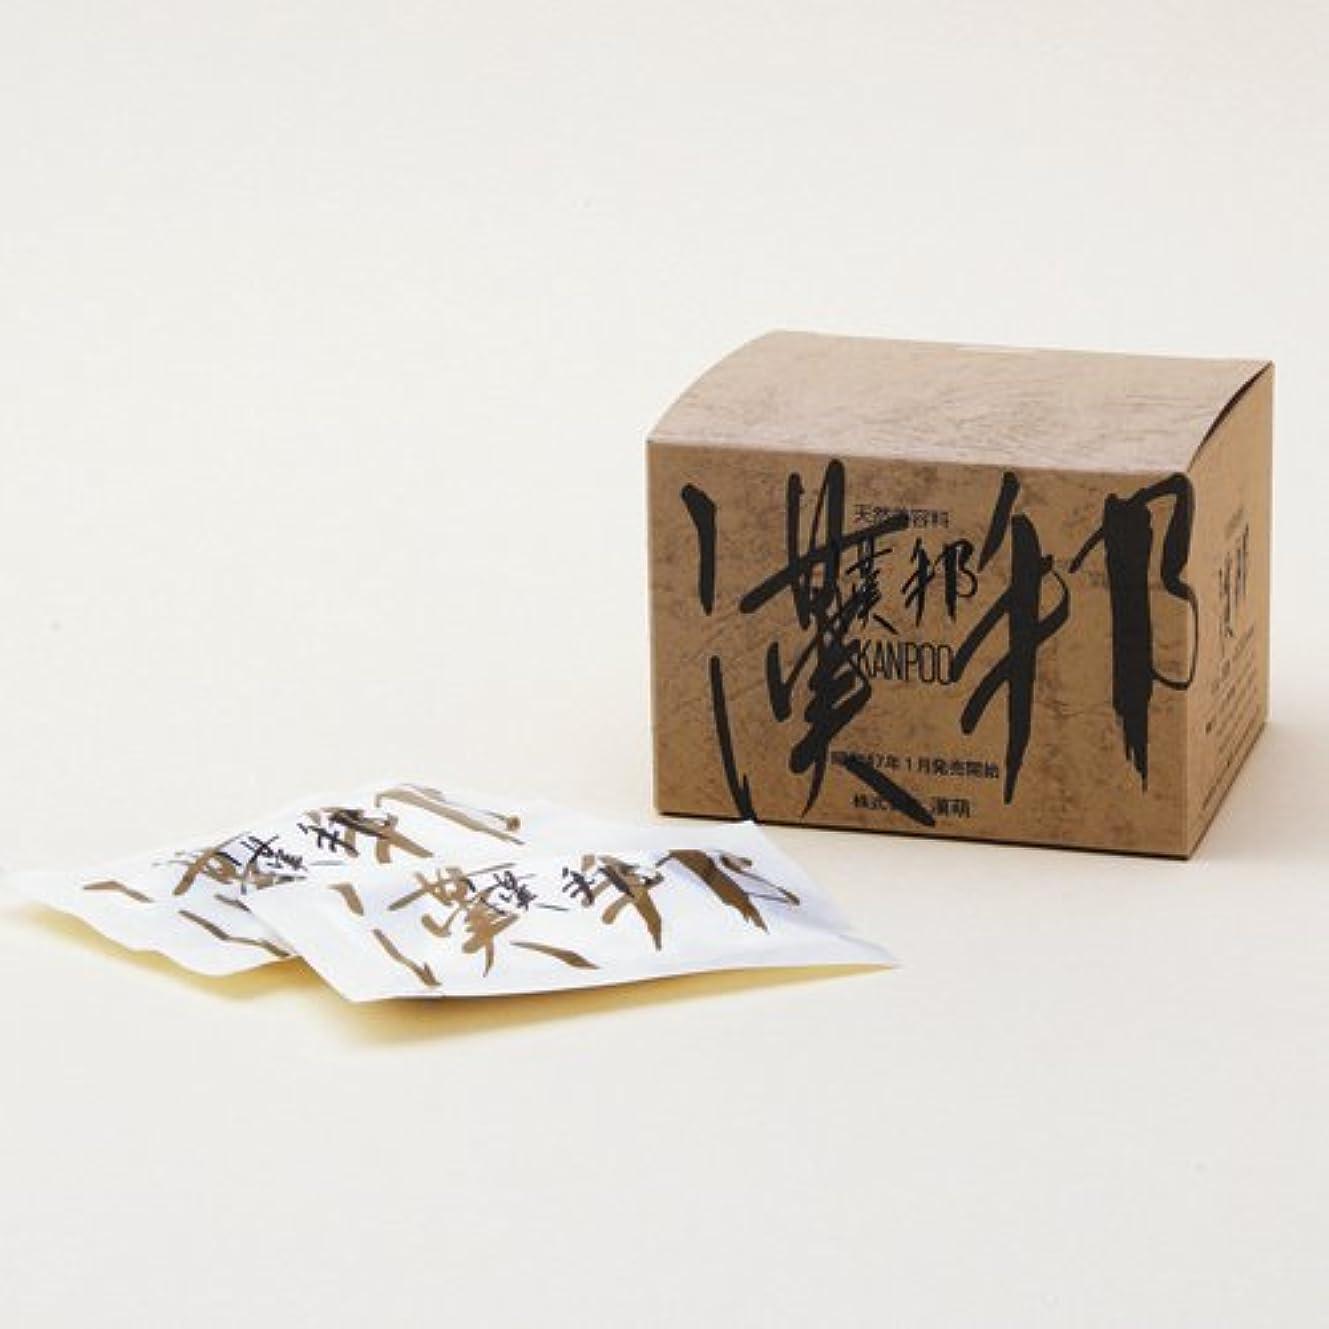 カート羊飼い生き物漢萌(KANPOO) 漢邦ぬか袋(全肌活肌料) 熟成12年 10g×16袋